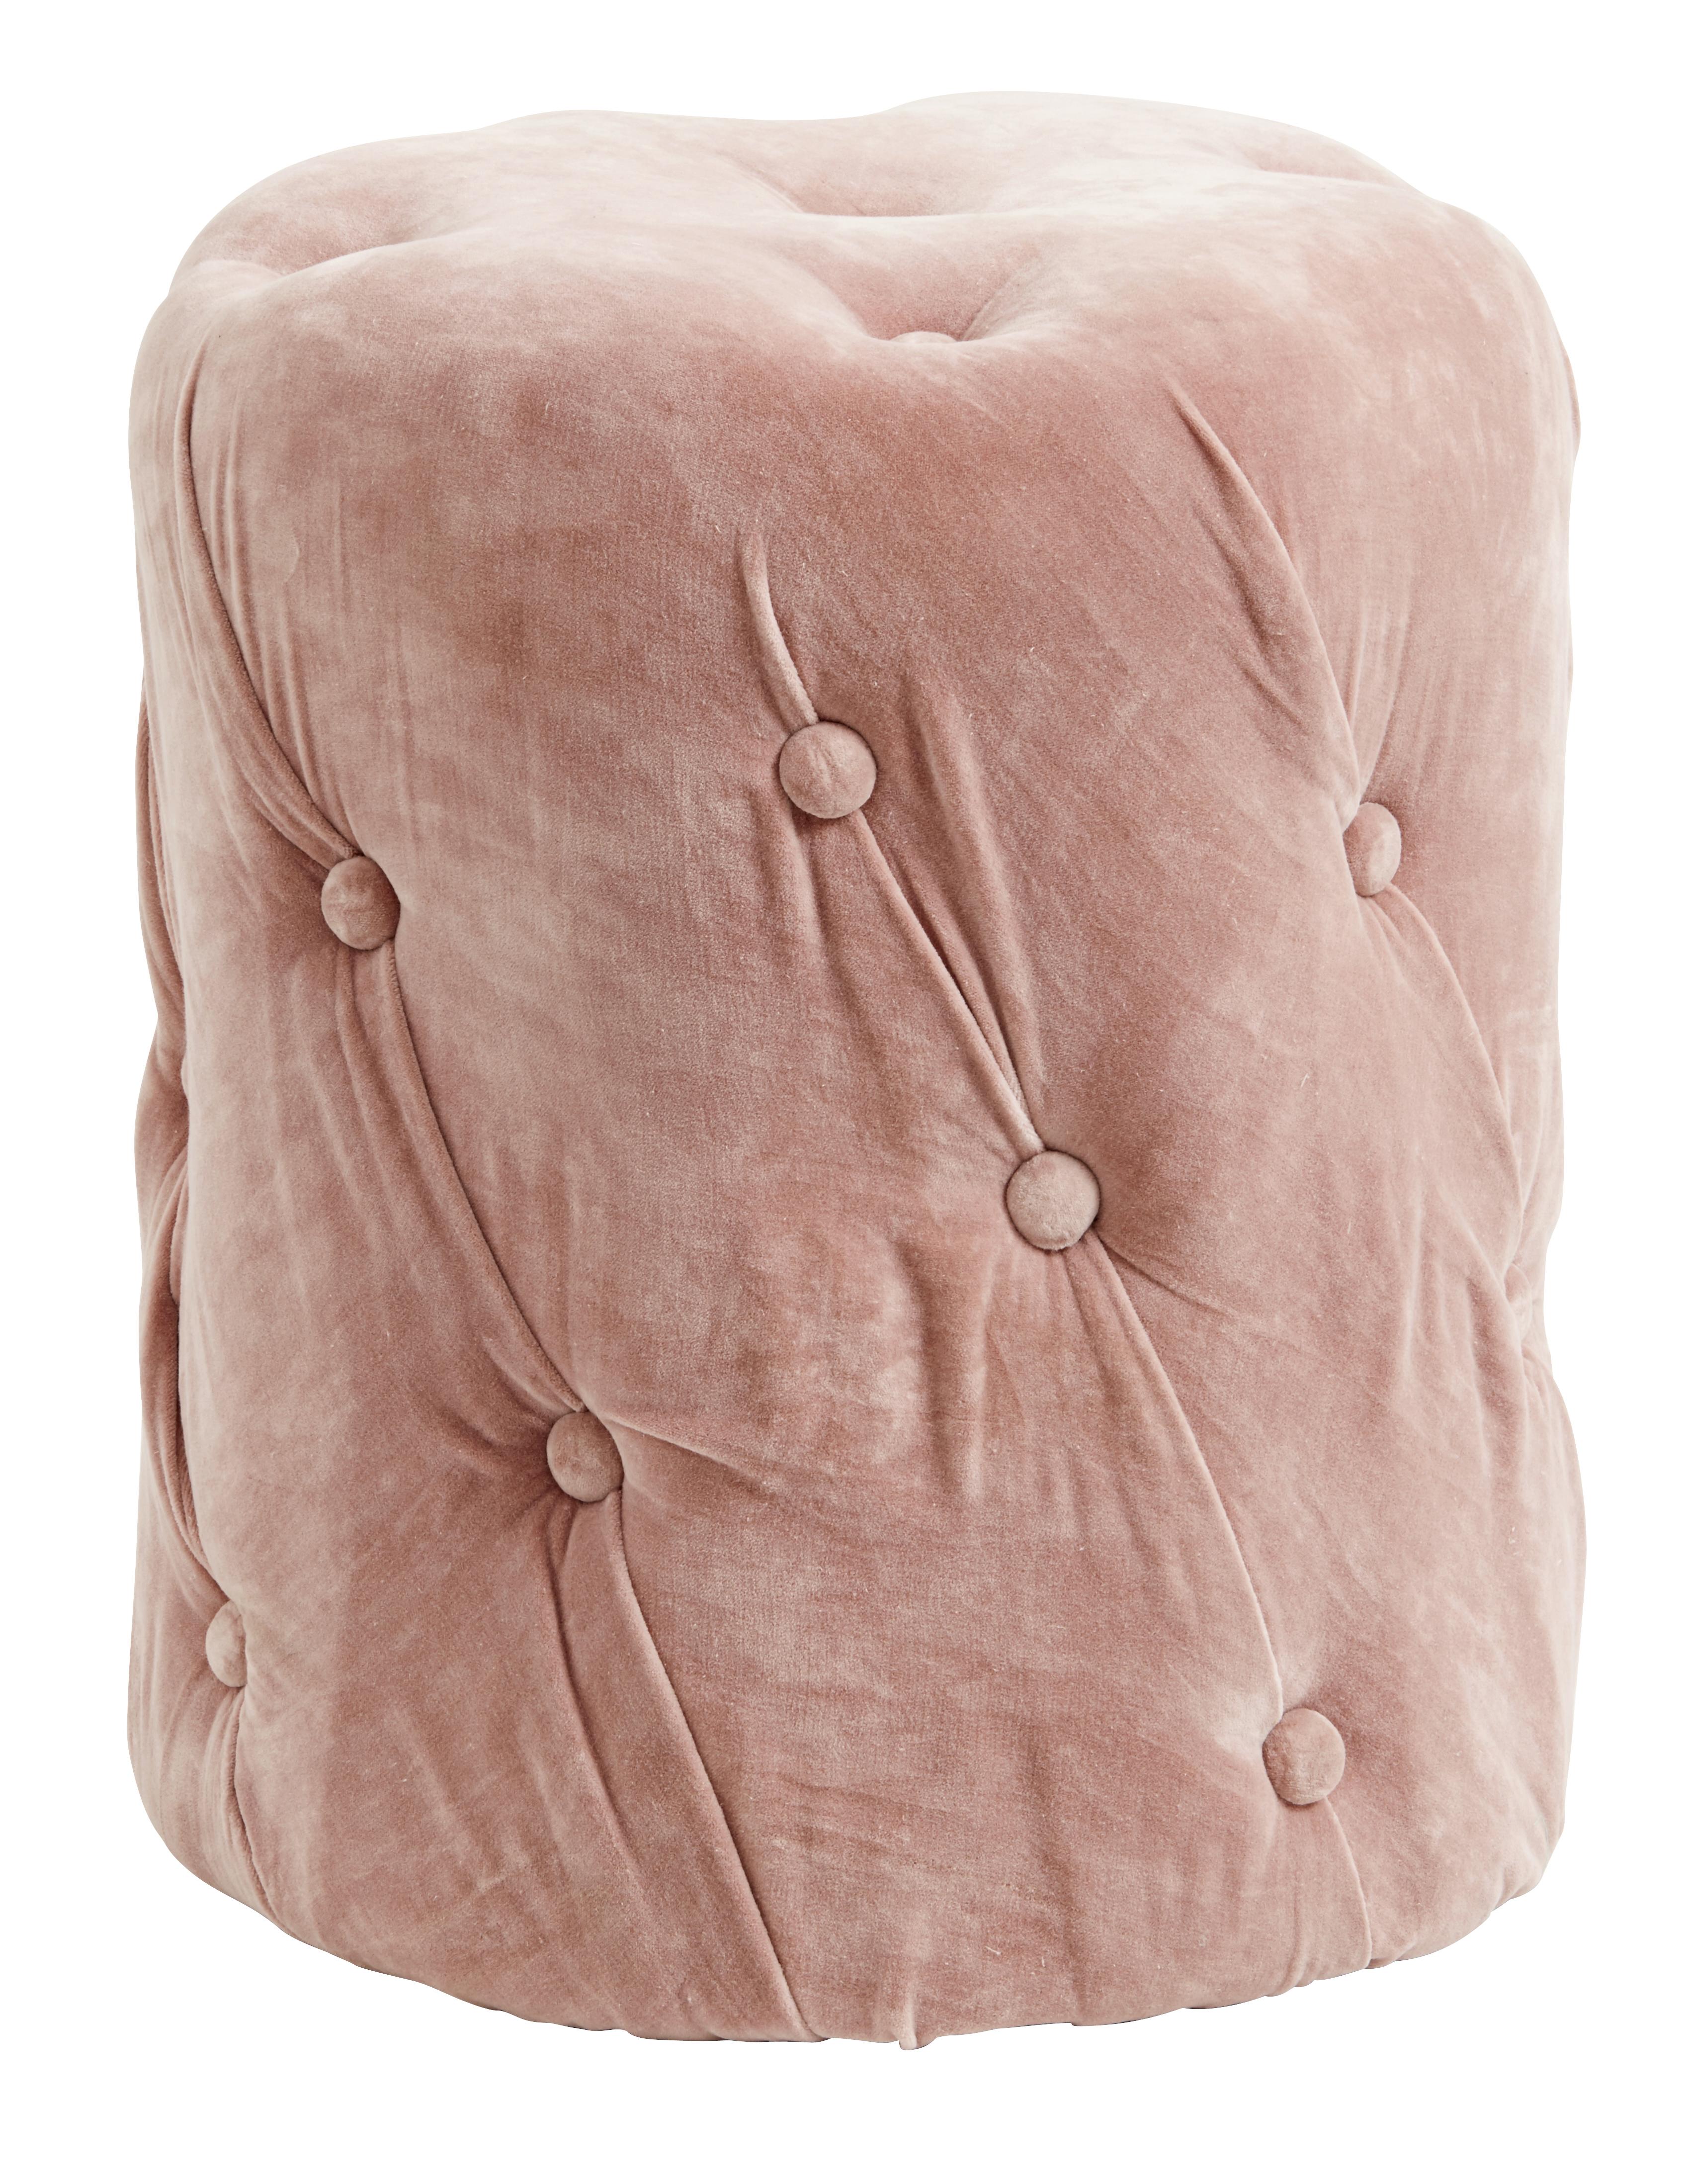 Comprar Puff rosa cuero y textil nordico 46 x 46 nordal